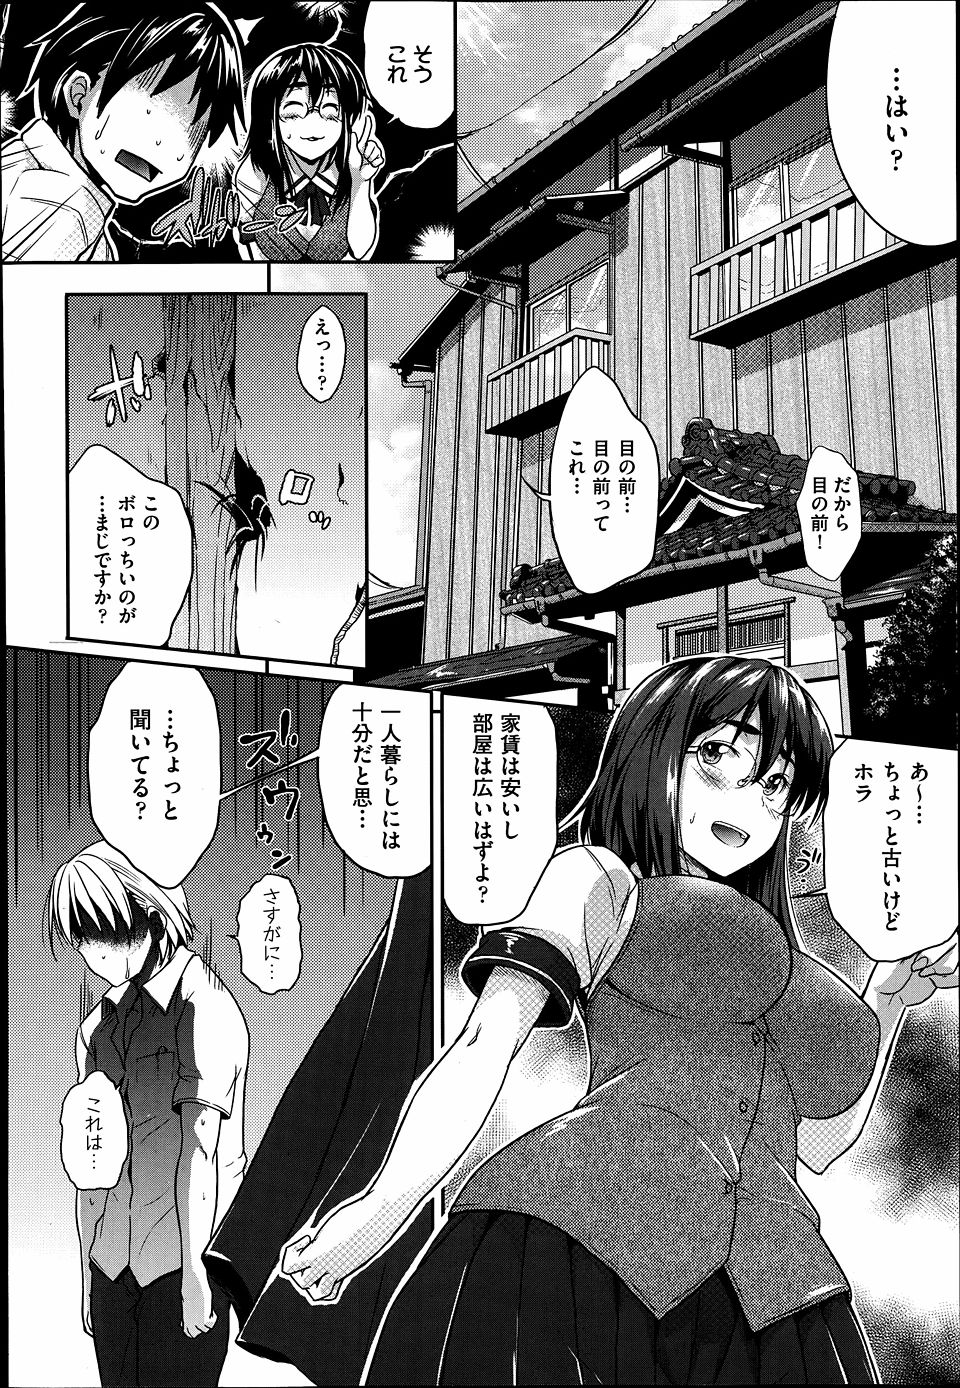 【エロ漫画・エロ同人】巨乳の先輩に家紹介してもらって部屋に入ったらチンコ弄ってきたwww (8)